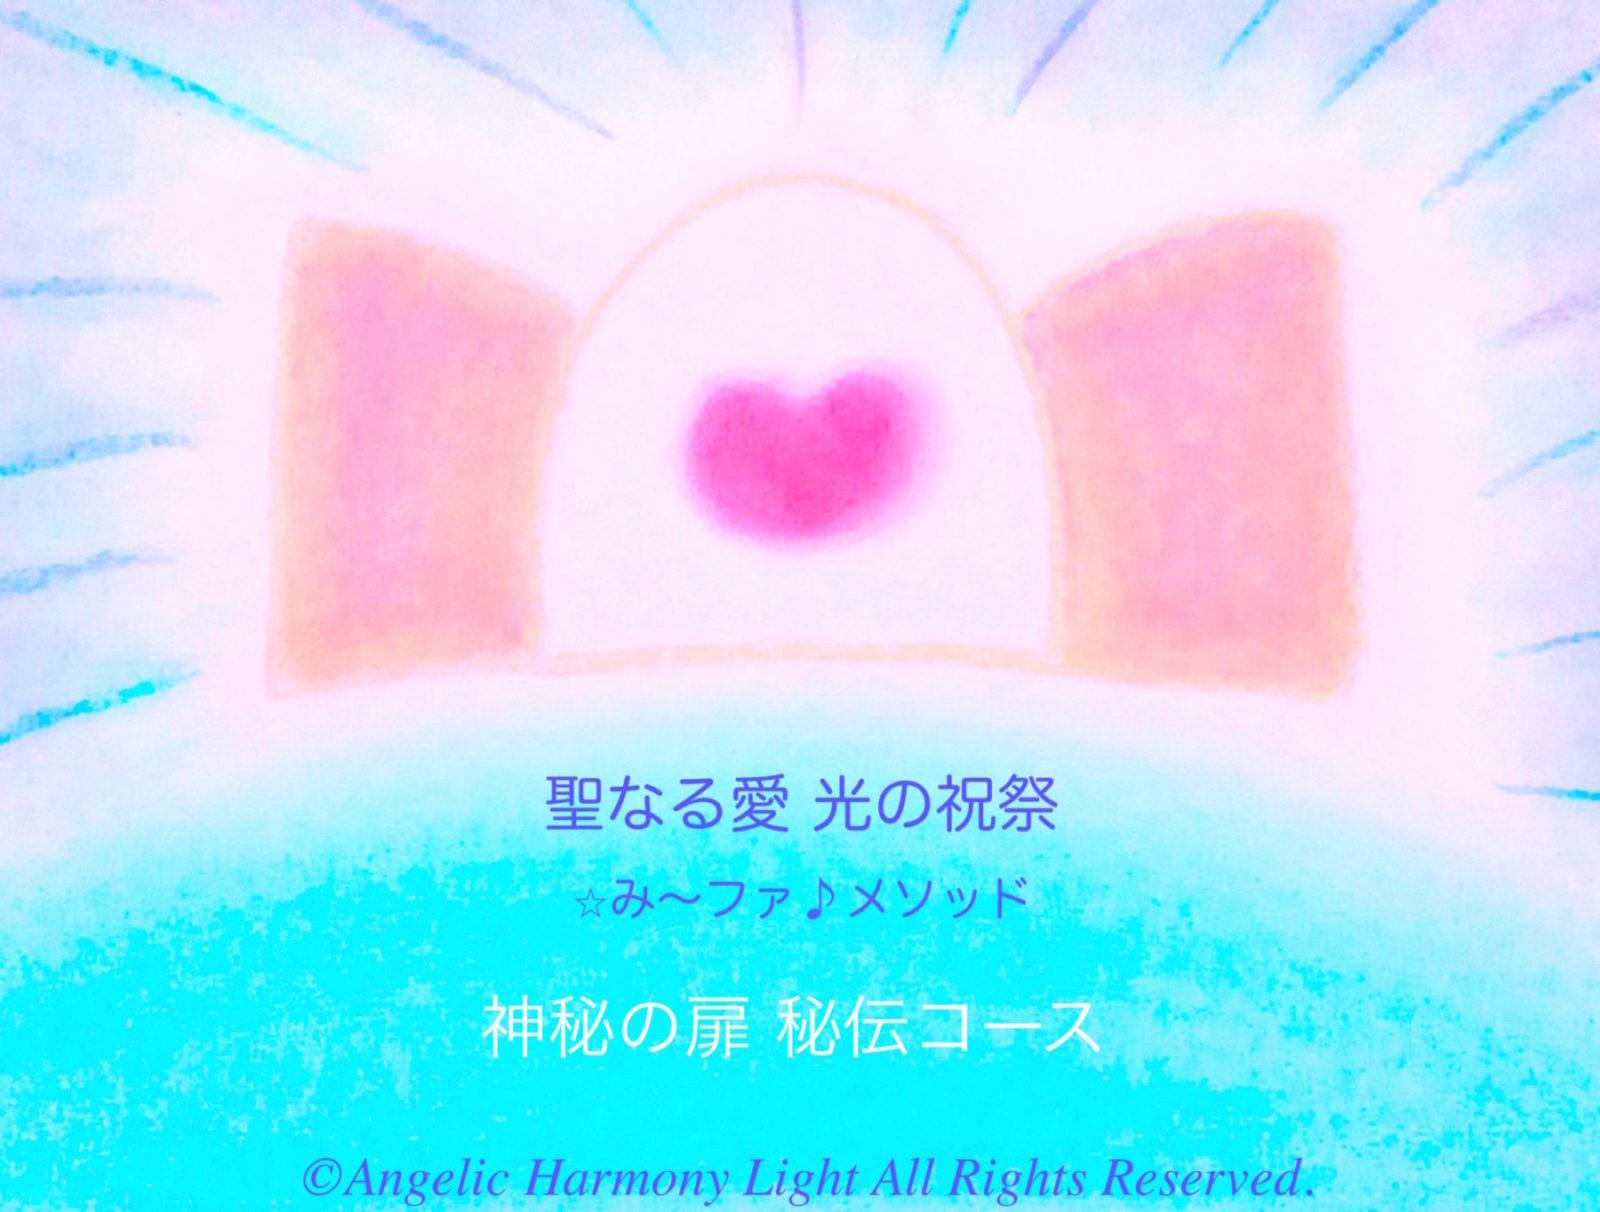 聖なる愛 光の祝祭 み〜ファ♪メソッド 神秘の扉 秘伝コース